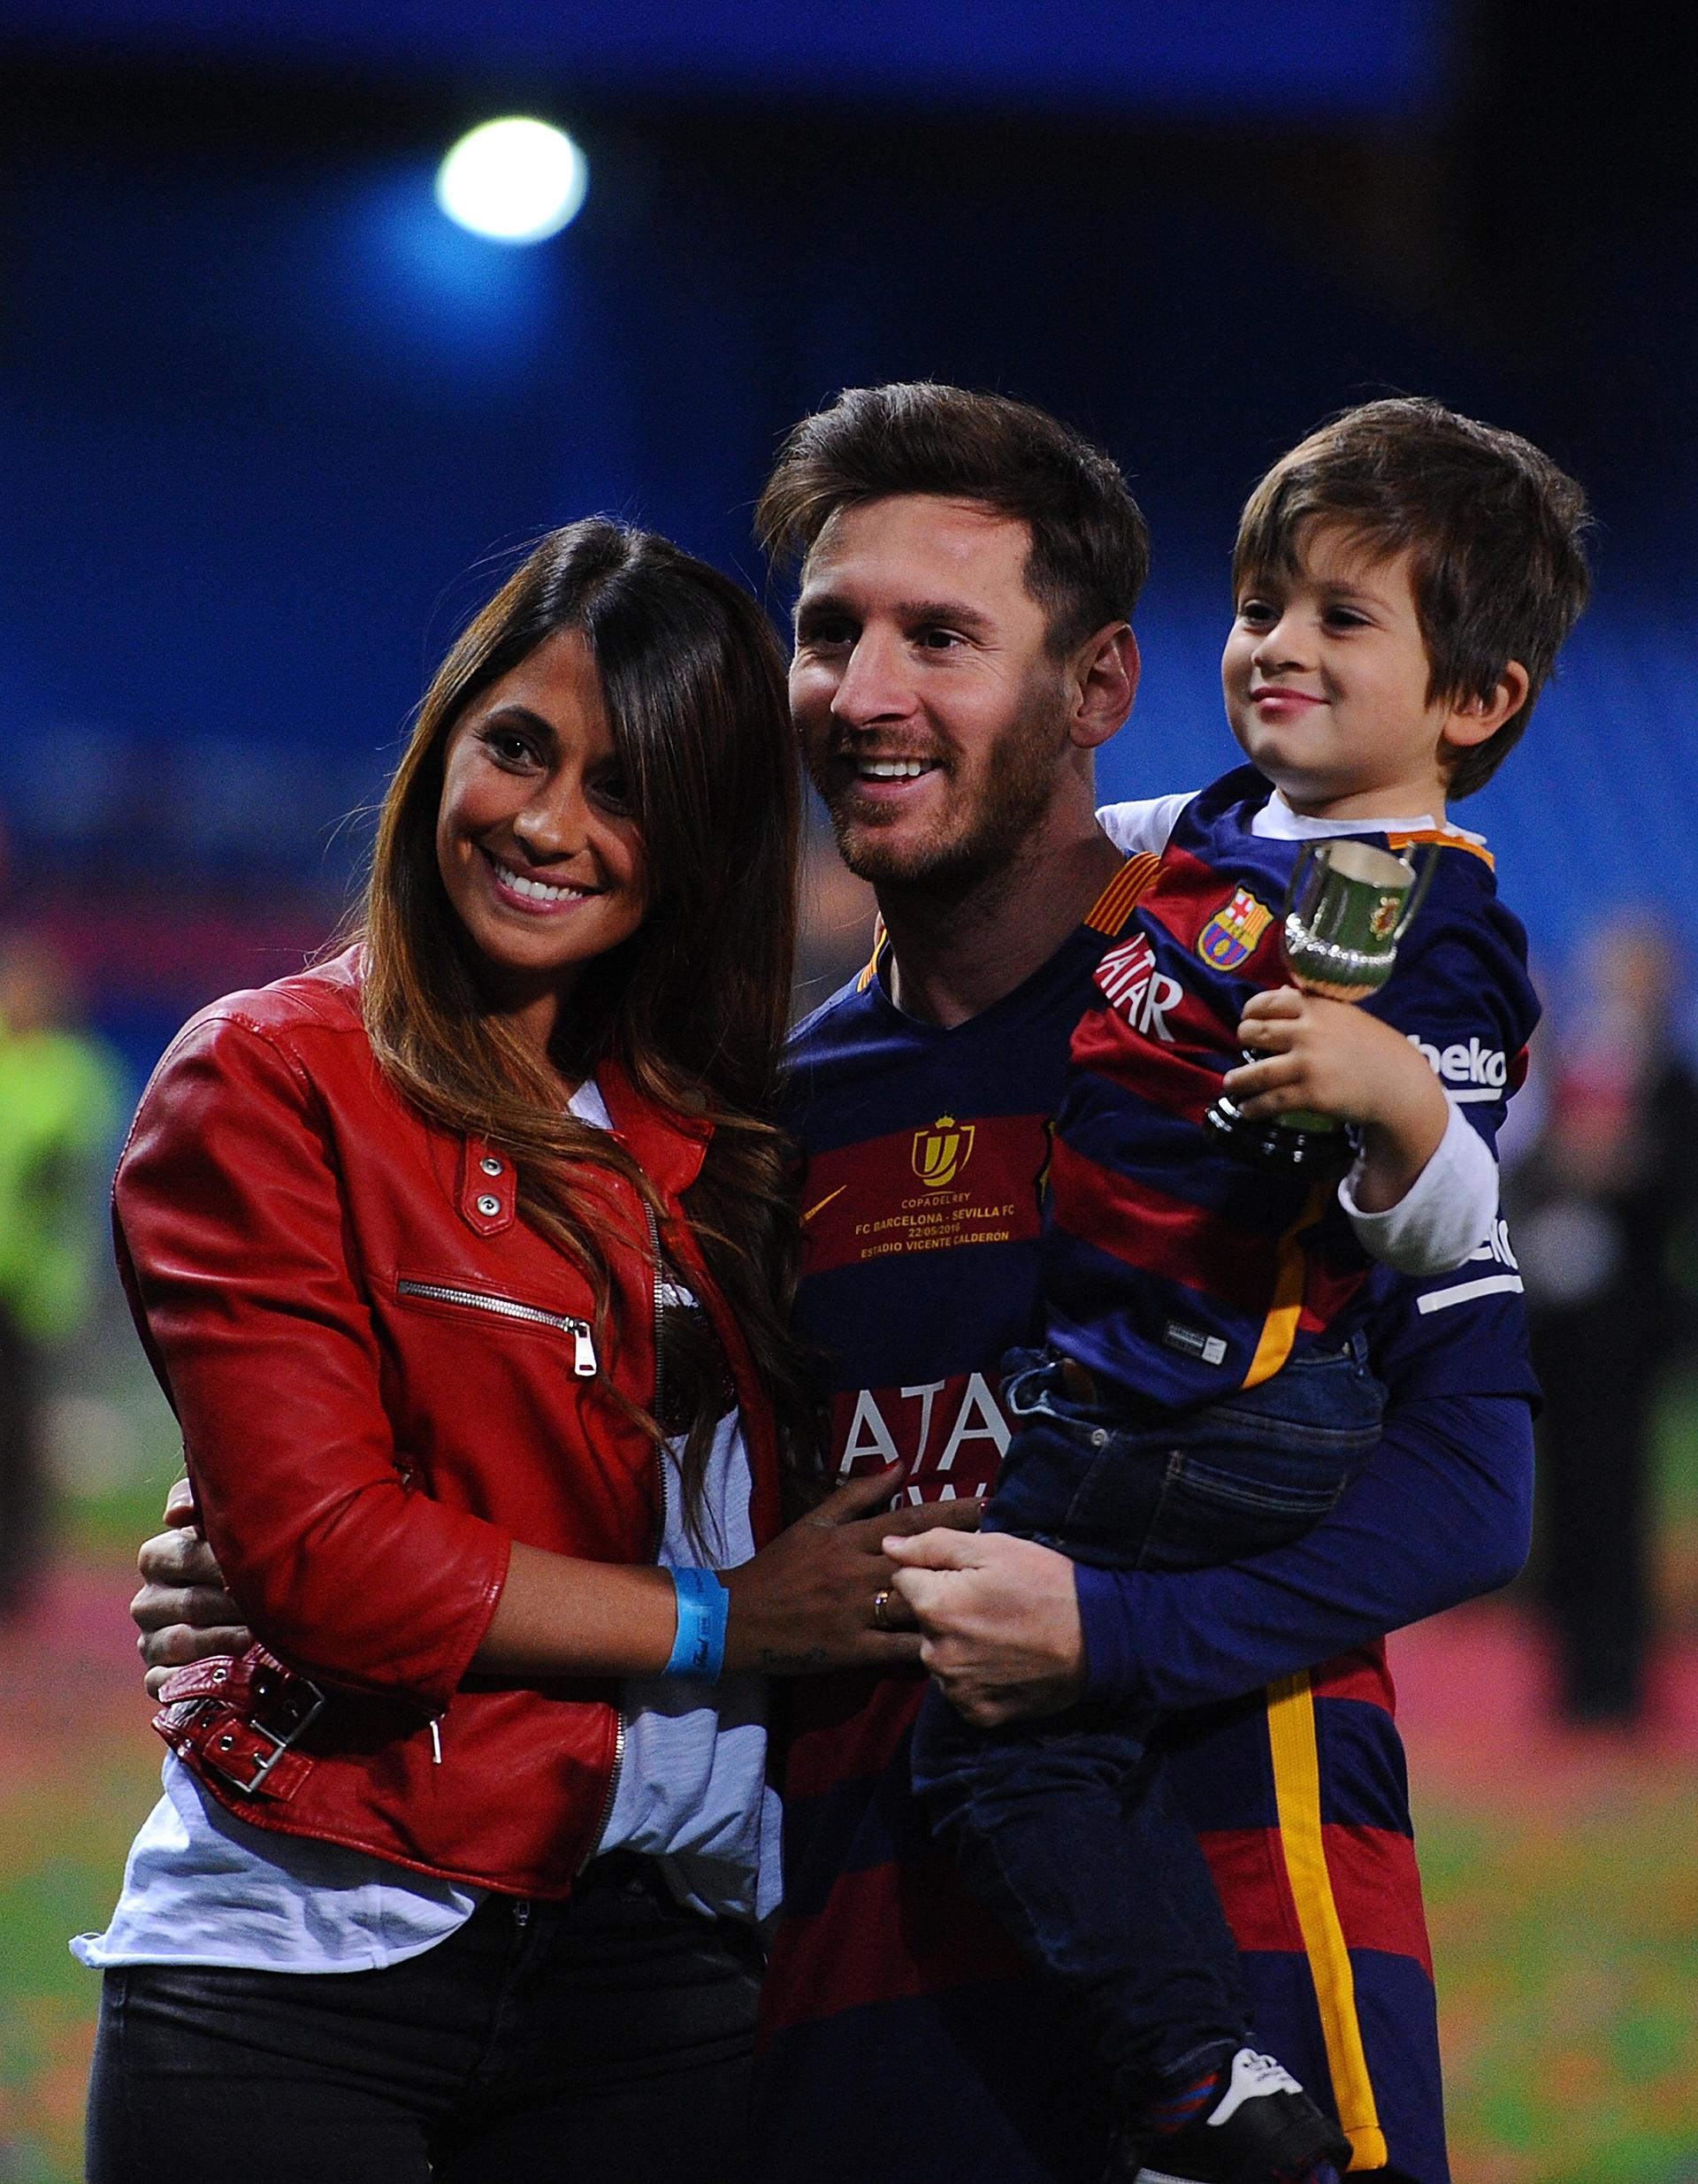 Anto, Lio y Thiago celebrando el triunfo de la 'Copa del Rey' Barcelona ante el Sevilla (Getty Images)